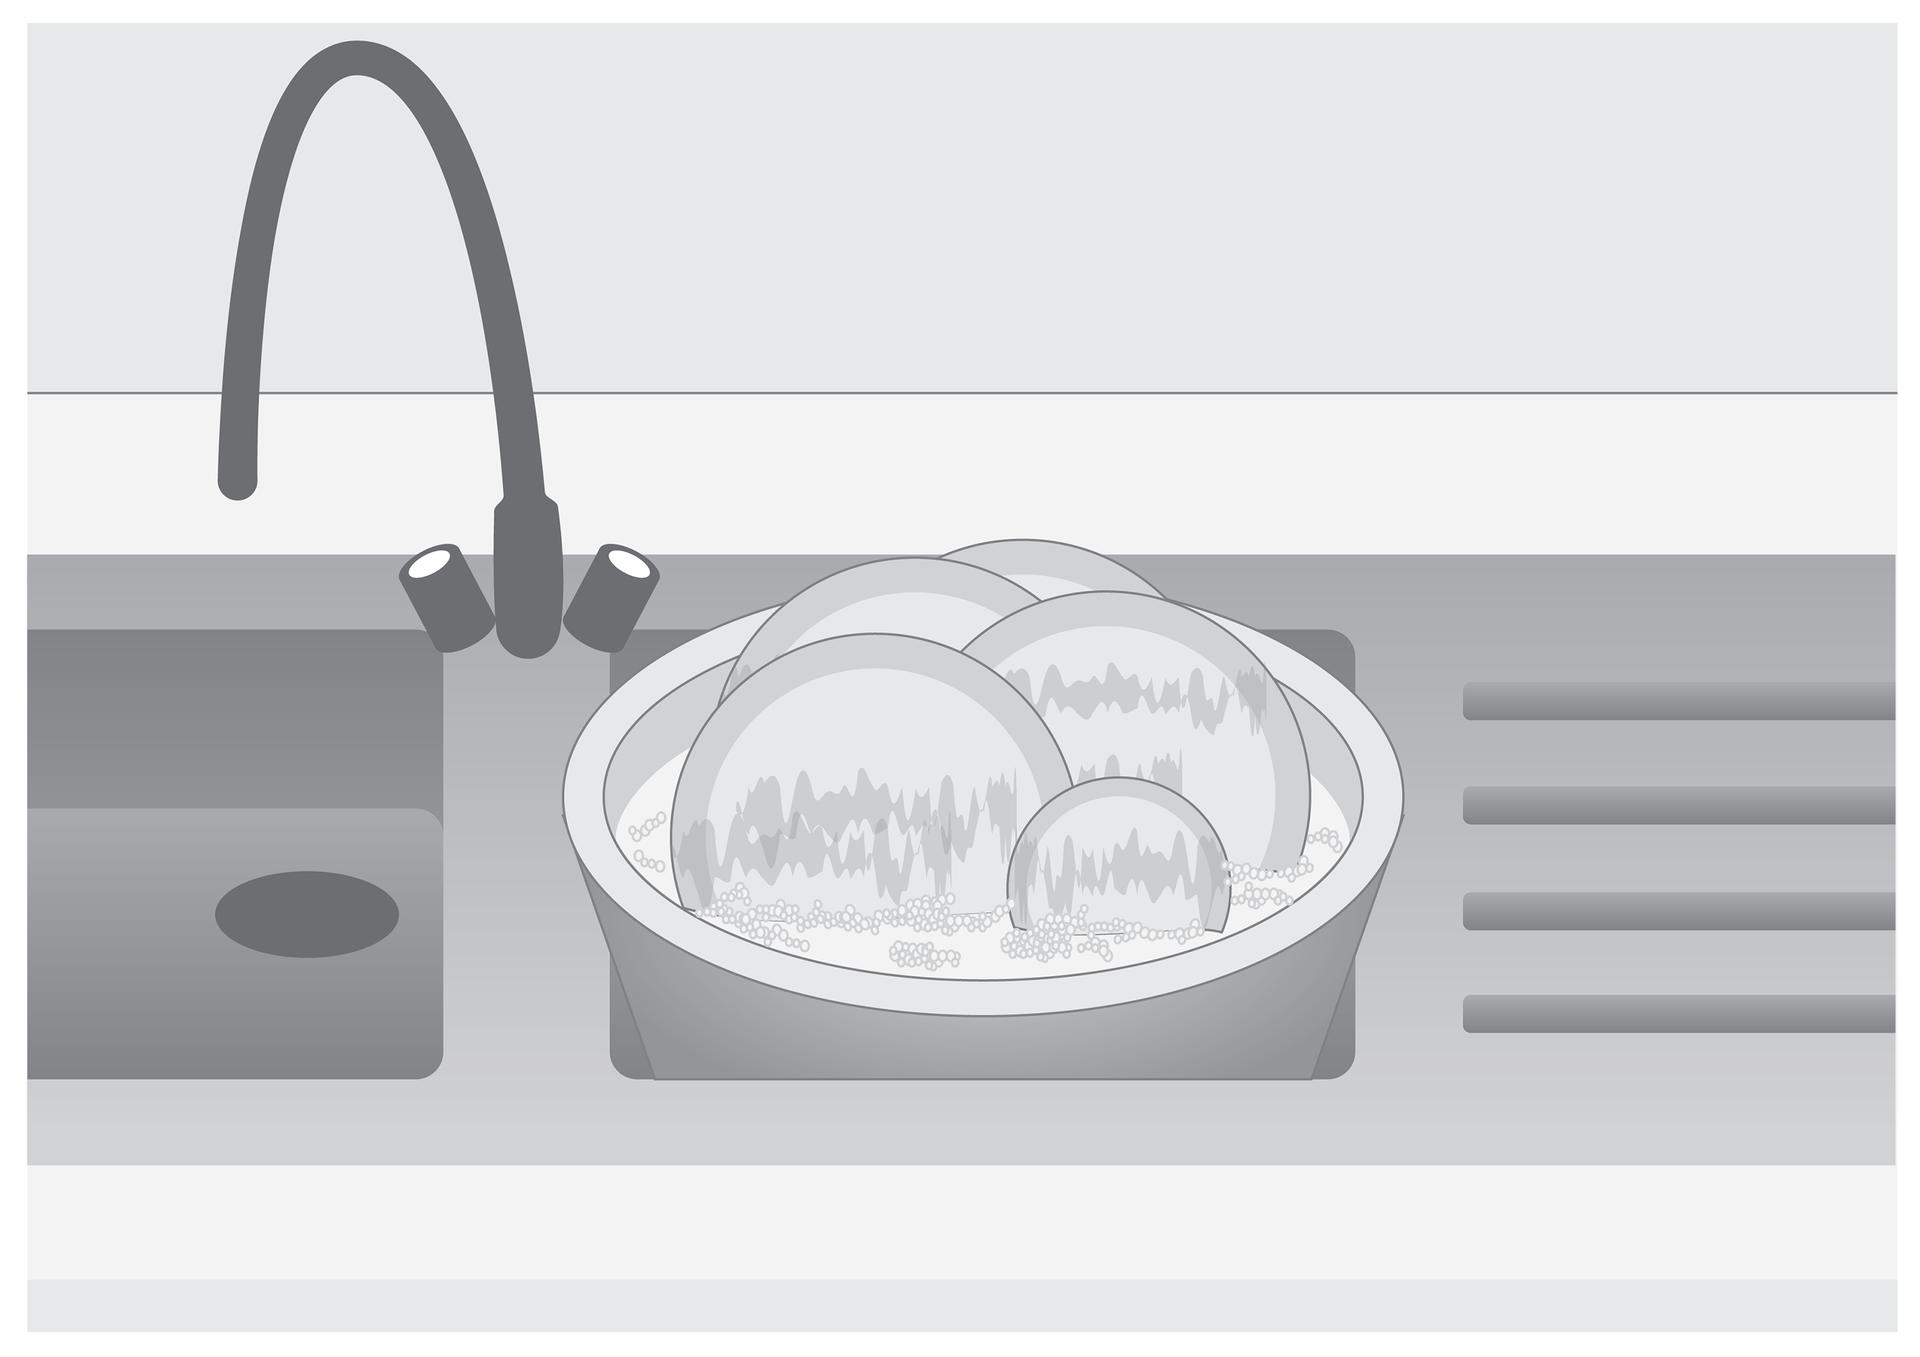 Piąta ilustracja wgalerii. Przedstawia czarno biały rysunek kuchennego zlewozmywaka dwukomorowego. Wprawej komorze znajduje się okrągła miska wypełniona wodą zpłynem do mycia ibrudnymi talerzami.